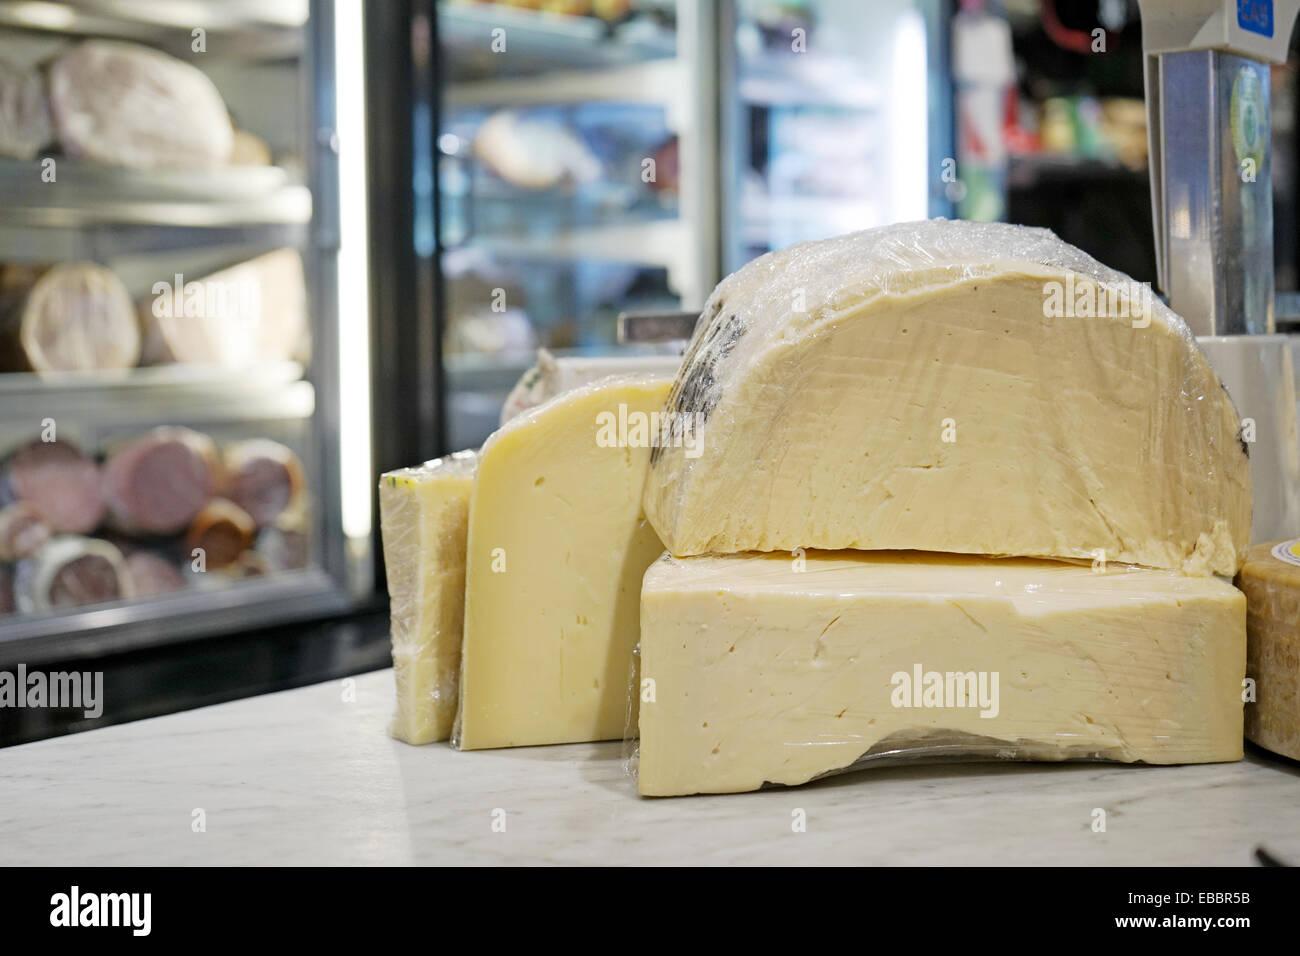 ansprechende appetitlich Hintergründe Fall Käse Farbe Bild Thekendisplay angezeigt altmodische Marmor Stockbild